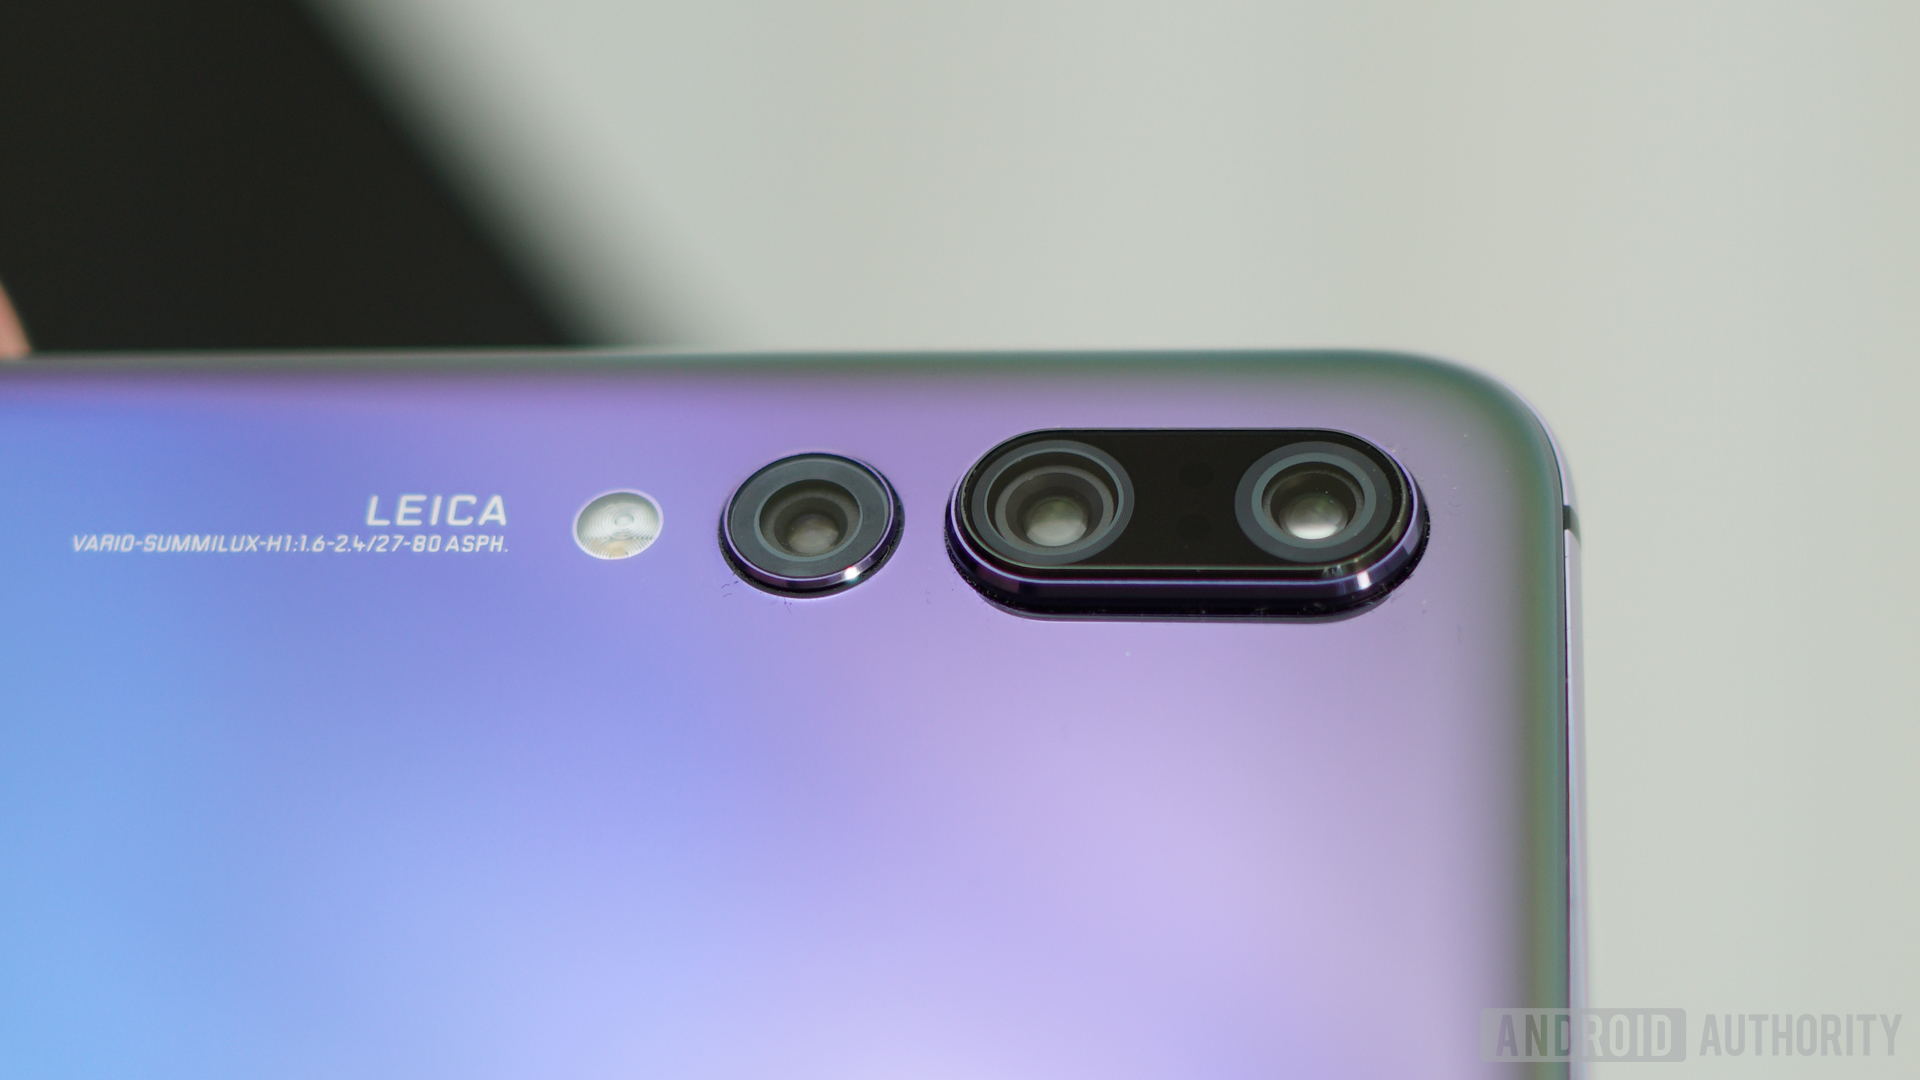 Huawei-P20-Pro-camera-detail-3